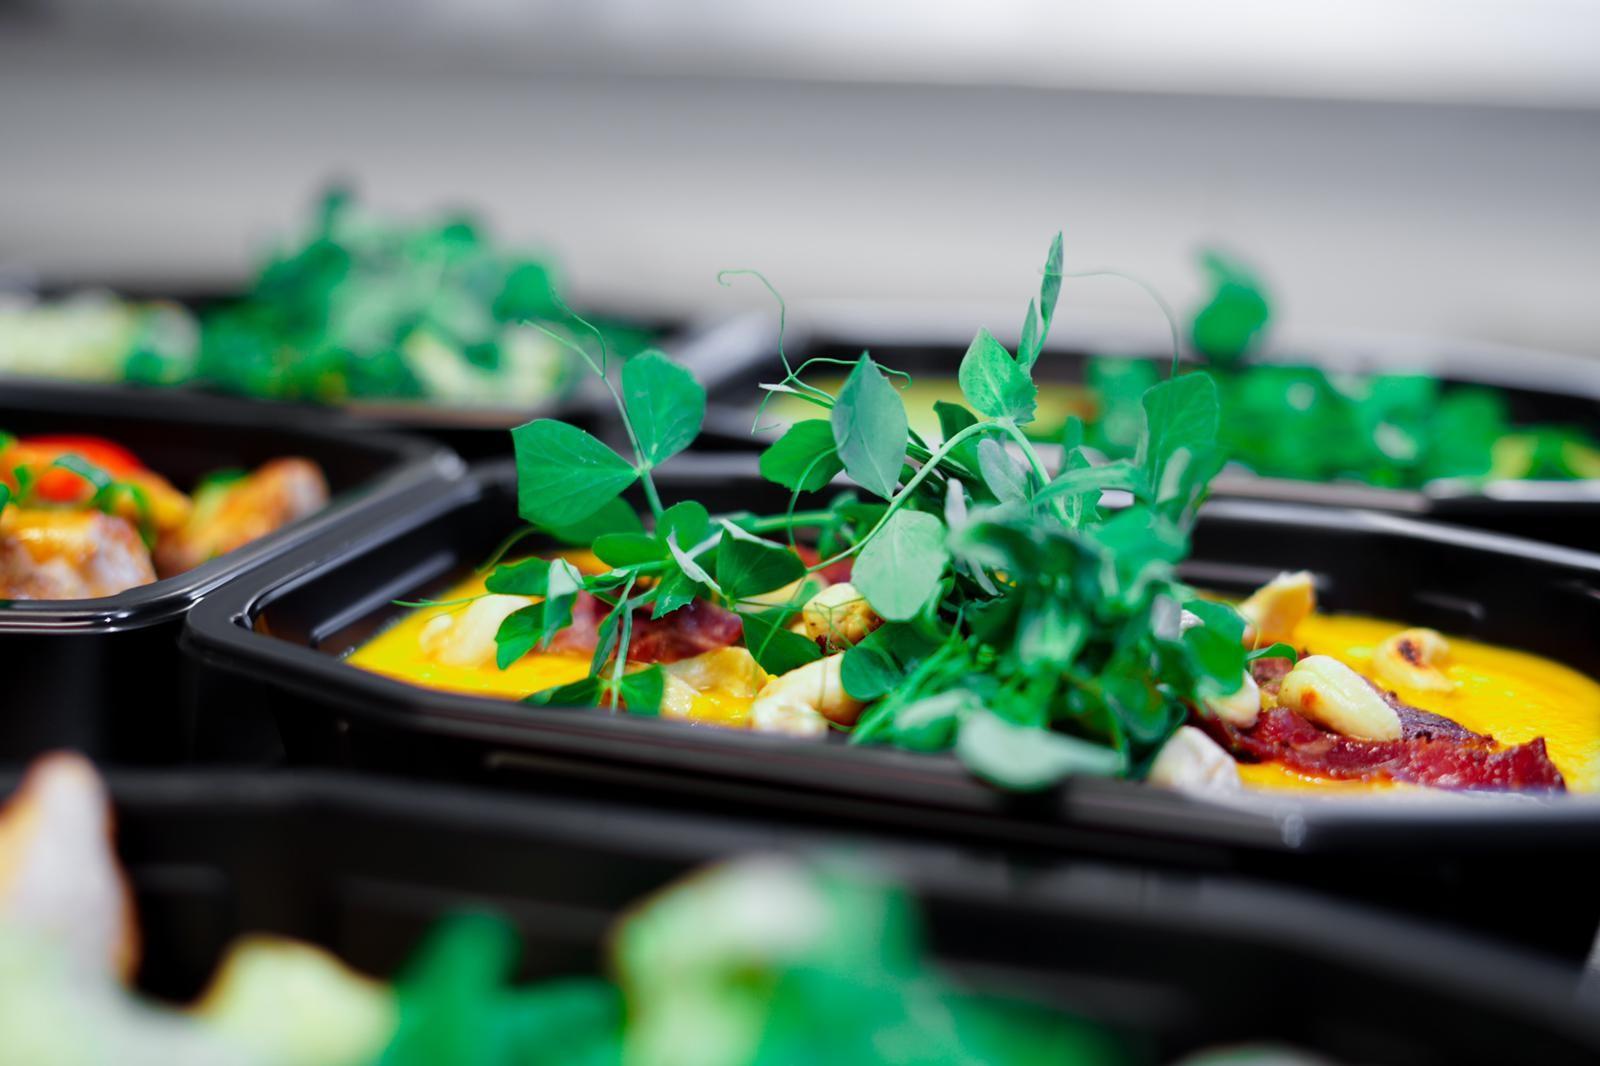 Nyt måltidskasse-koncept i Aarhus: Bestil færdige retter klar til middagsbordet